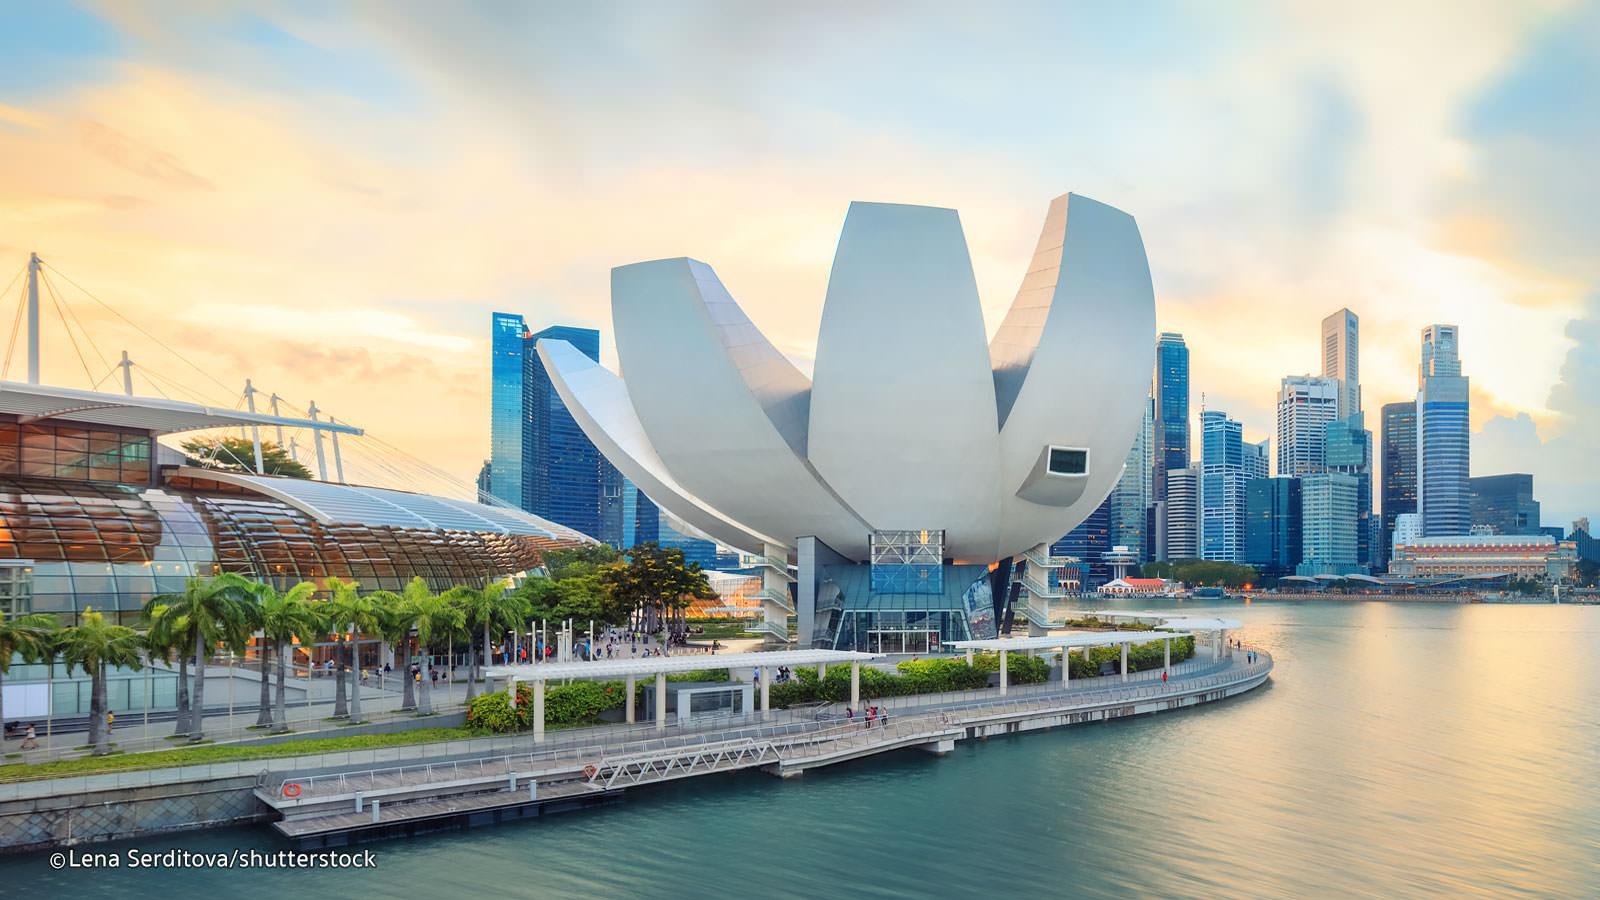 موزه های سنگاپور برای دوستداران فرهنگ و هنر